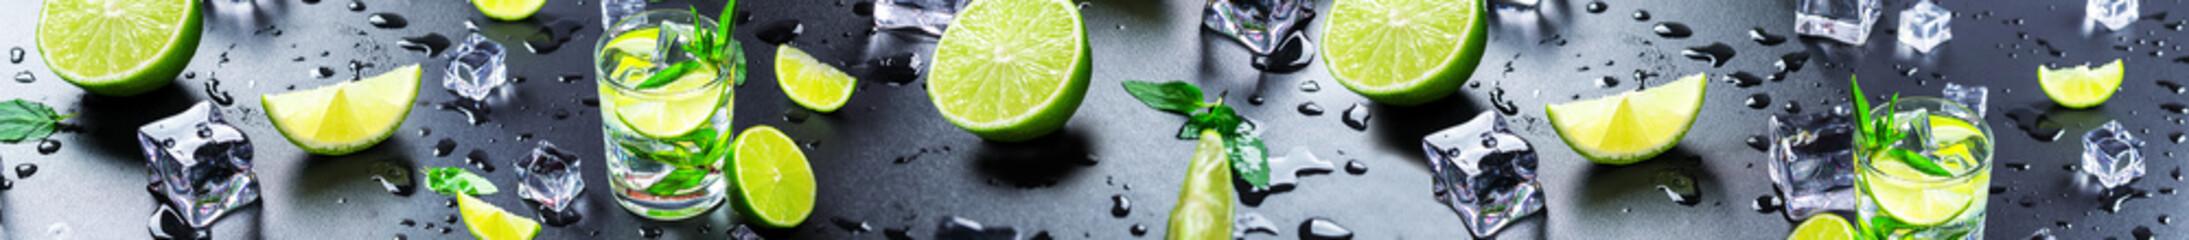 Limonki z lodem na ciemny tle